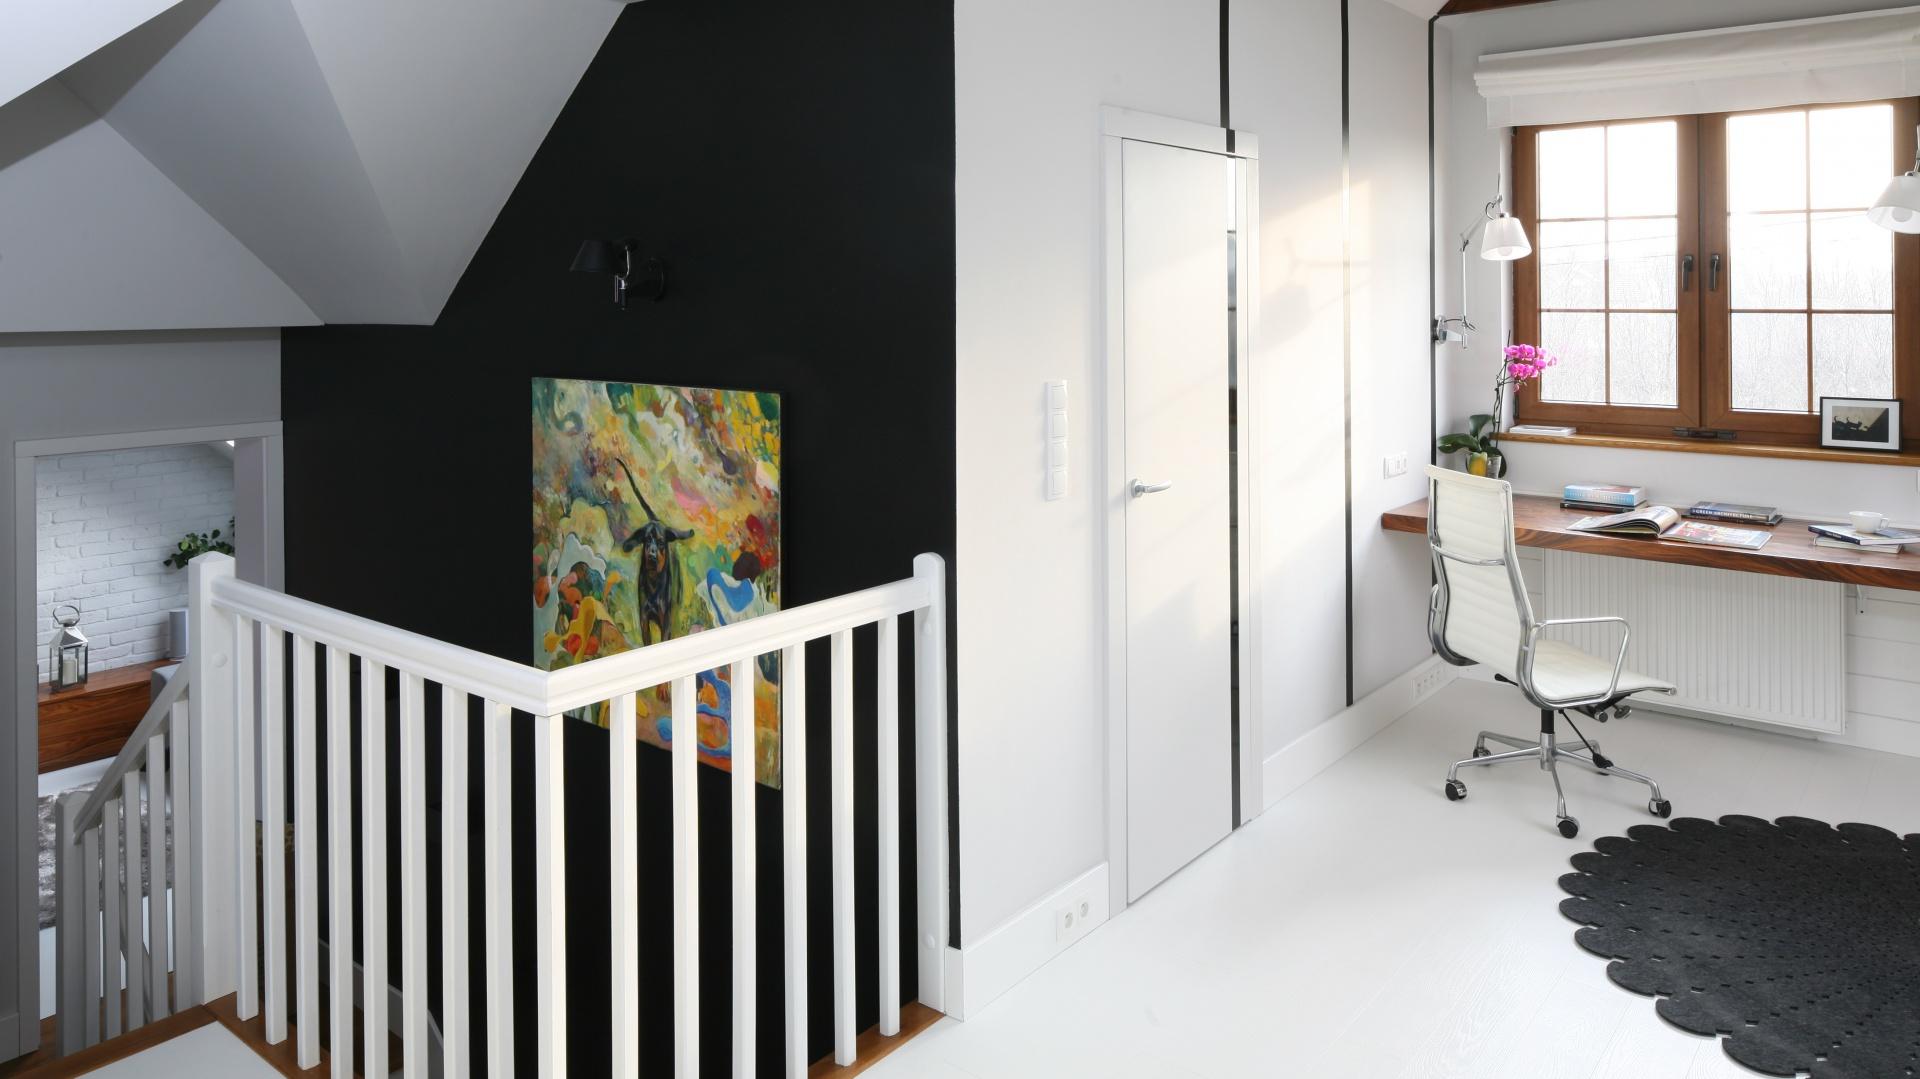 Przestrzeni poddasza nie zamykają drzwi– na ten poziom bezpośrednio prowadzą schody. Przestrzeni nie dzielą też żadne ścianki działowe. Projekt: Magdalena Zaremba, Agnieszka Kostrzewa-Świątek. Fot. Bartosz Jarosz